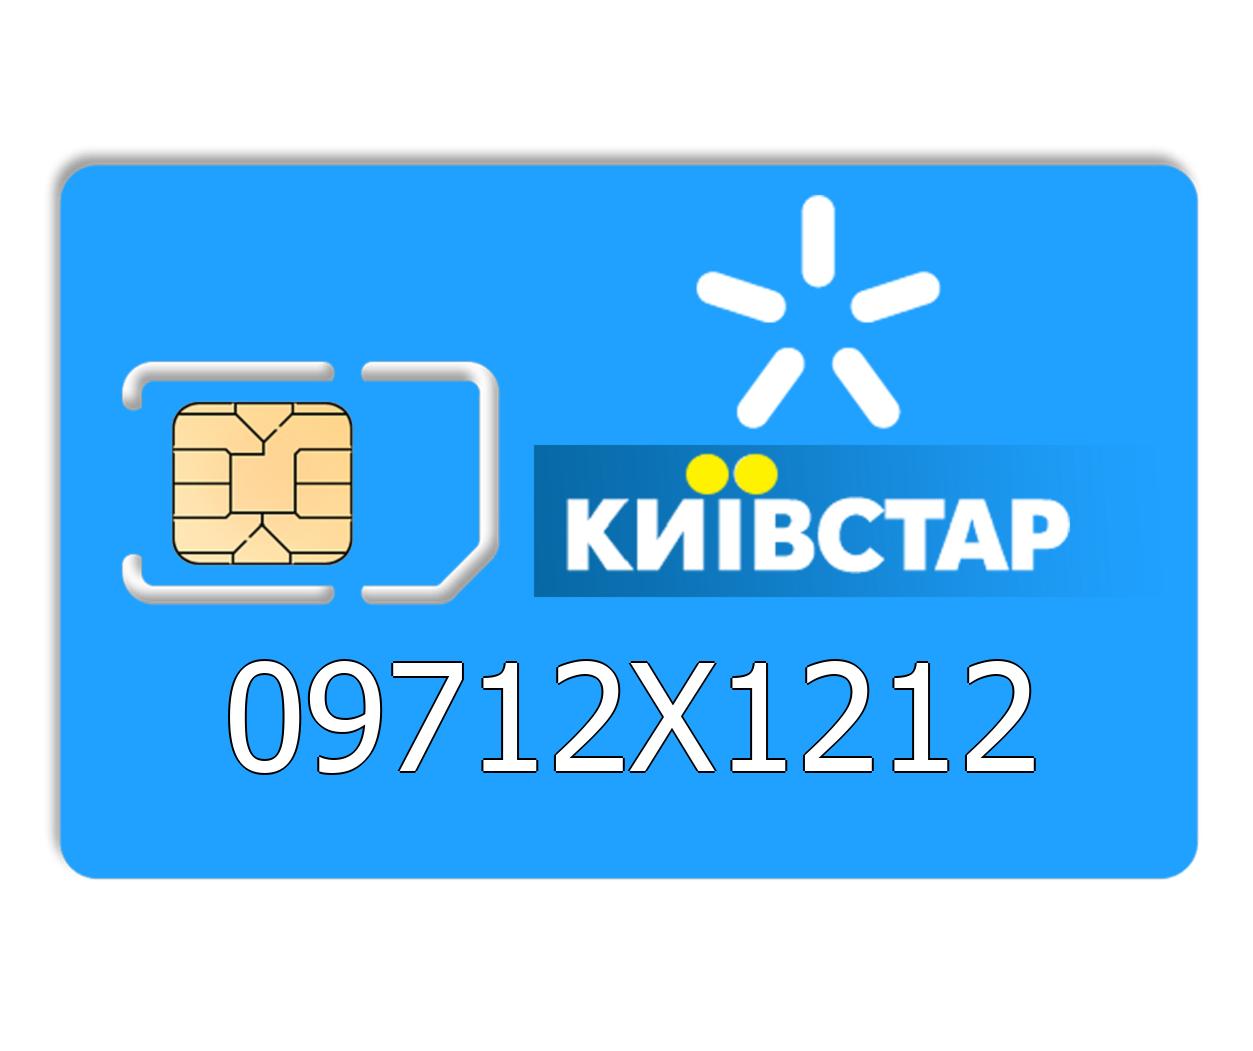 Красивый номер Киевстар 09712X1212